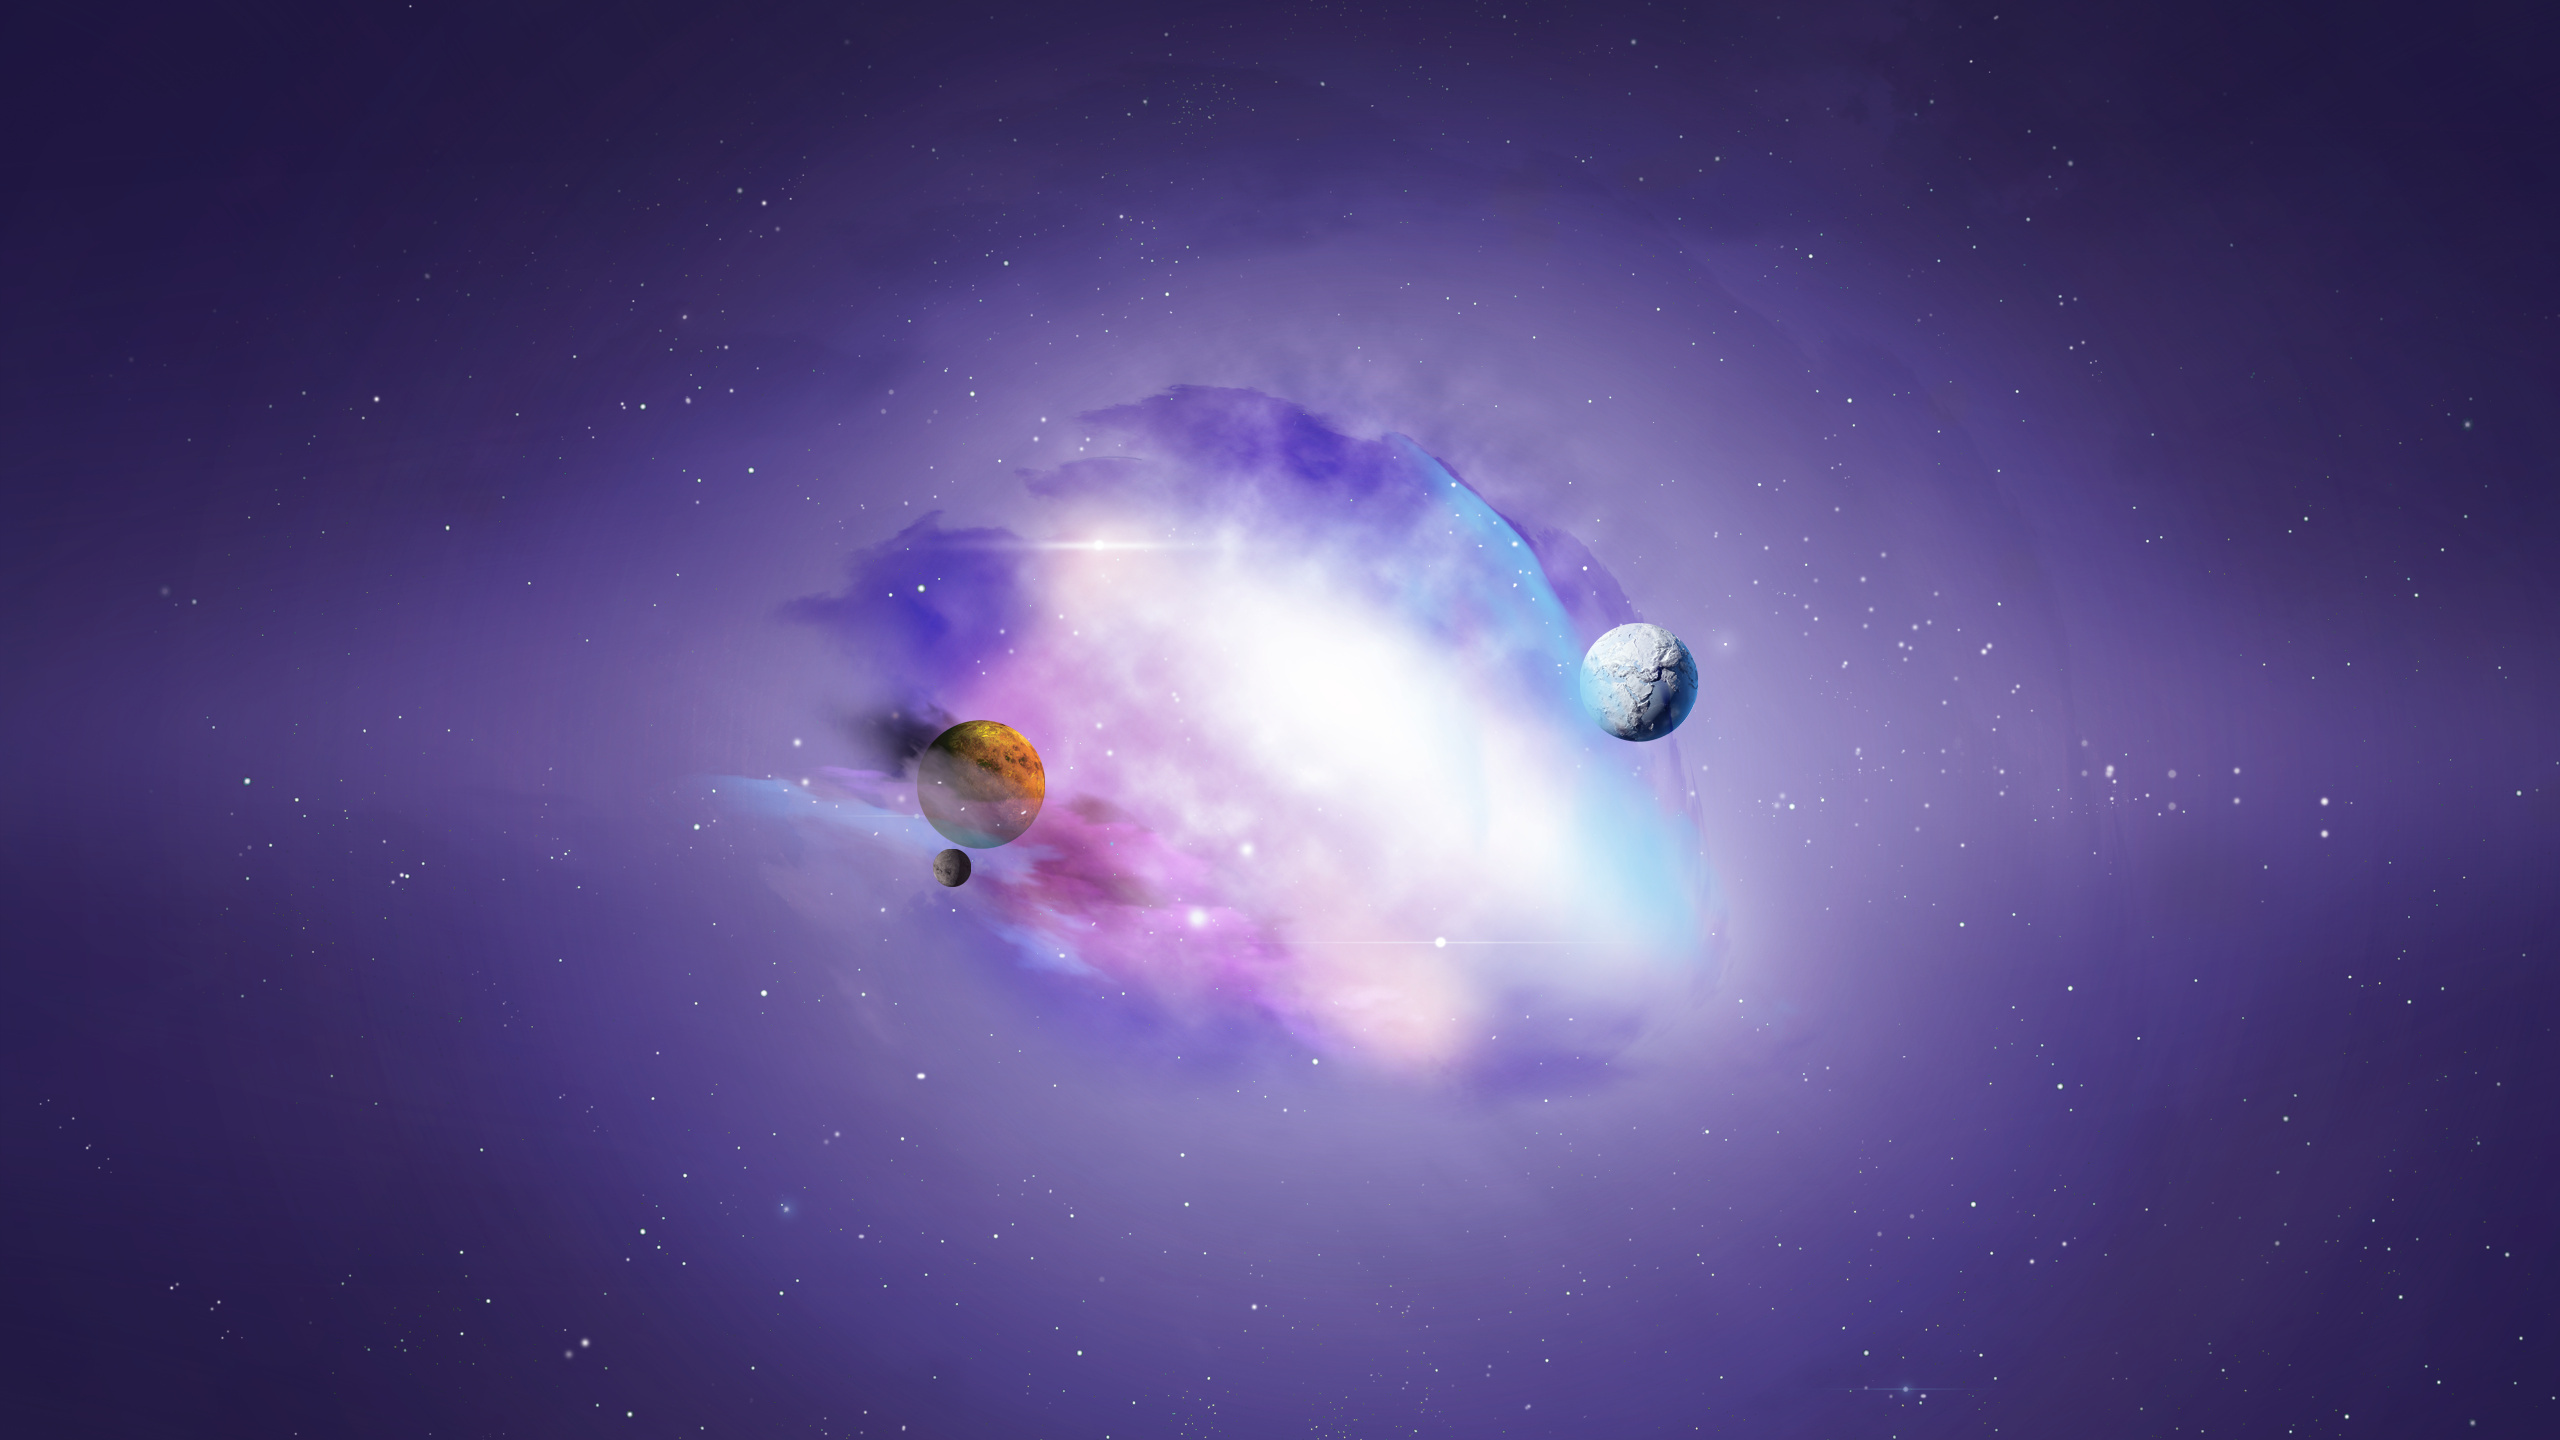 Обои галактика космос звезды картинки на рабочий стол на тему Космос - скачать  № 3548514 без смс